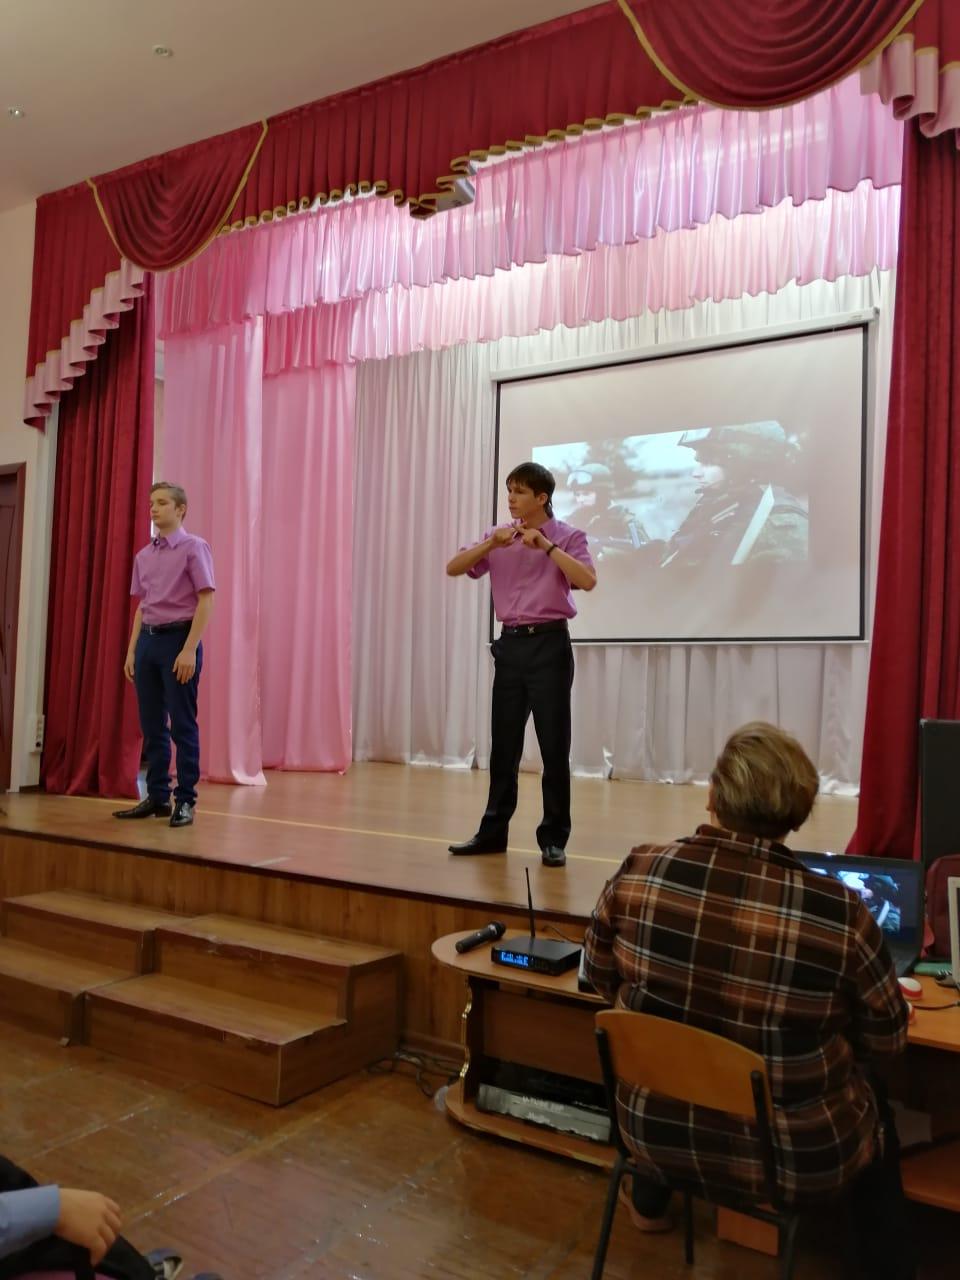 23 февраля в школе глухонемых детей